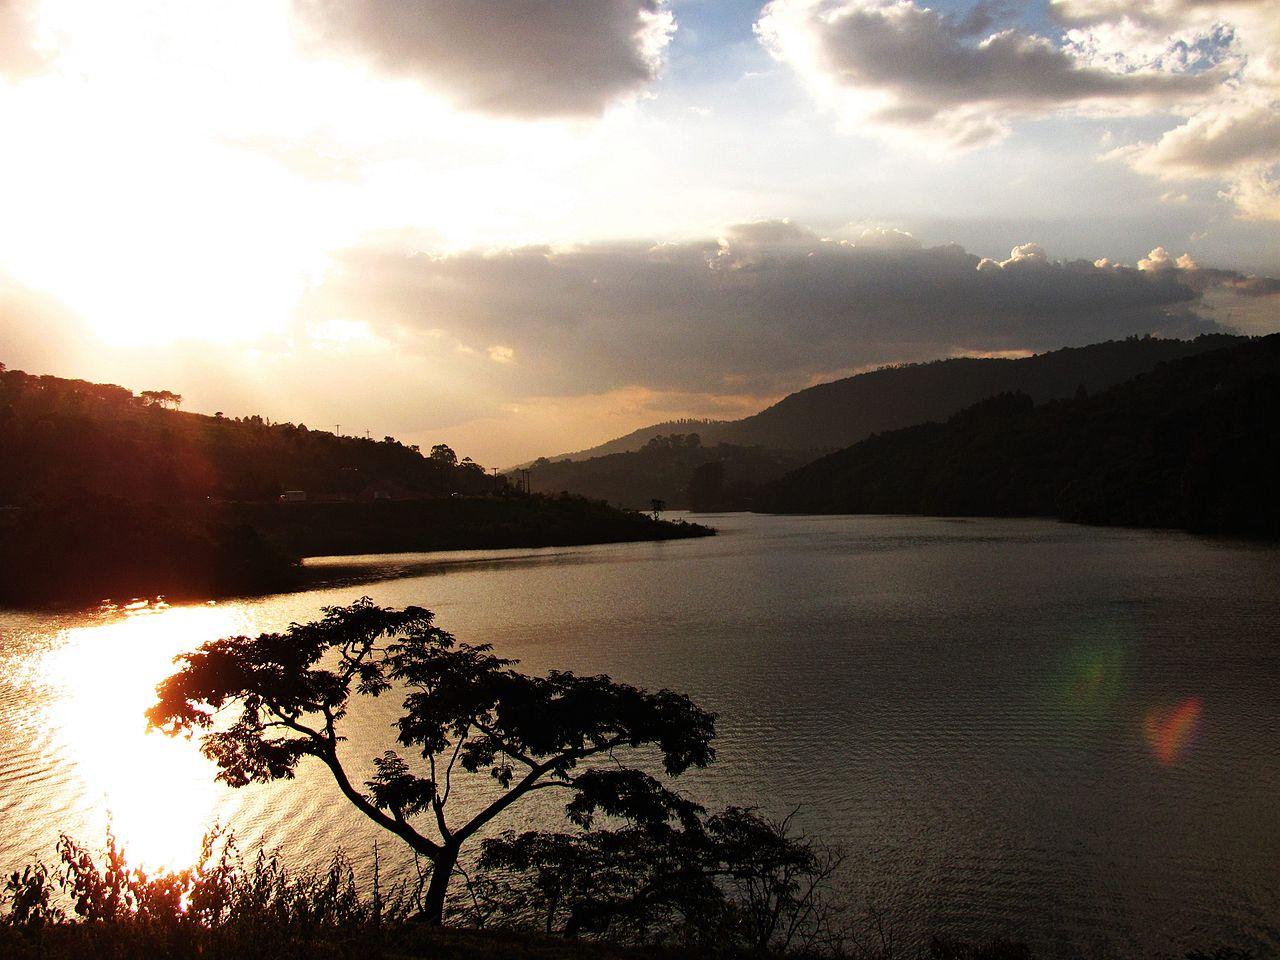 Vista para a represa no fim do dia